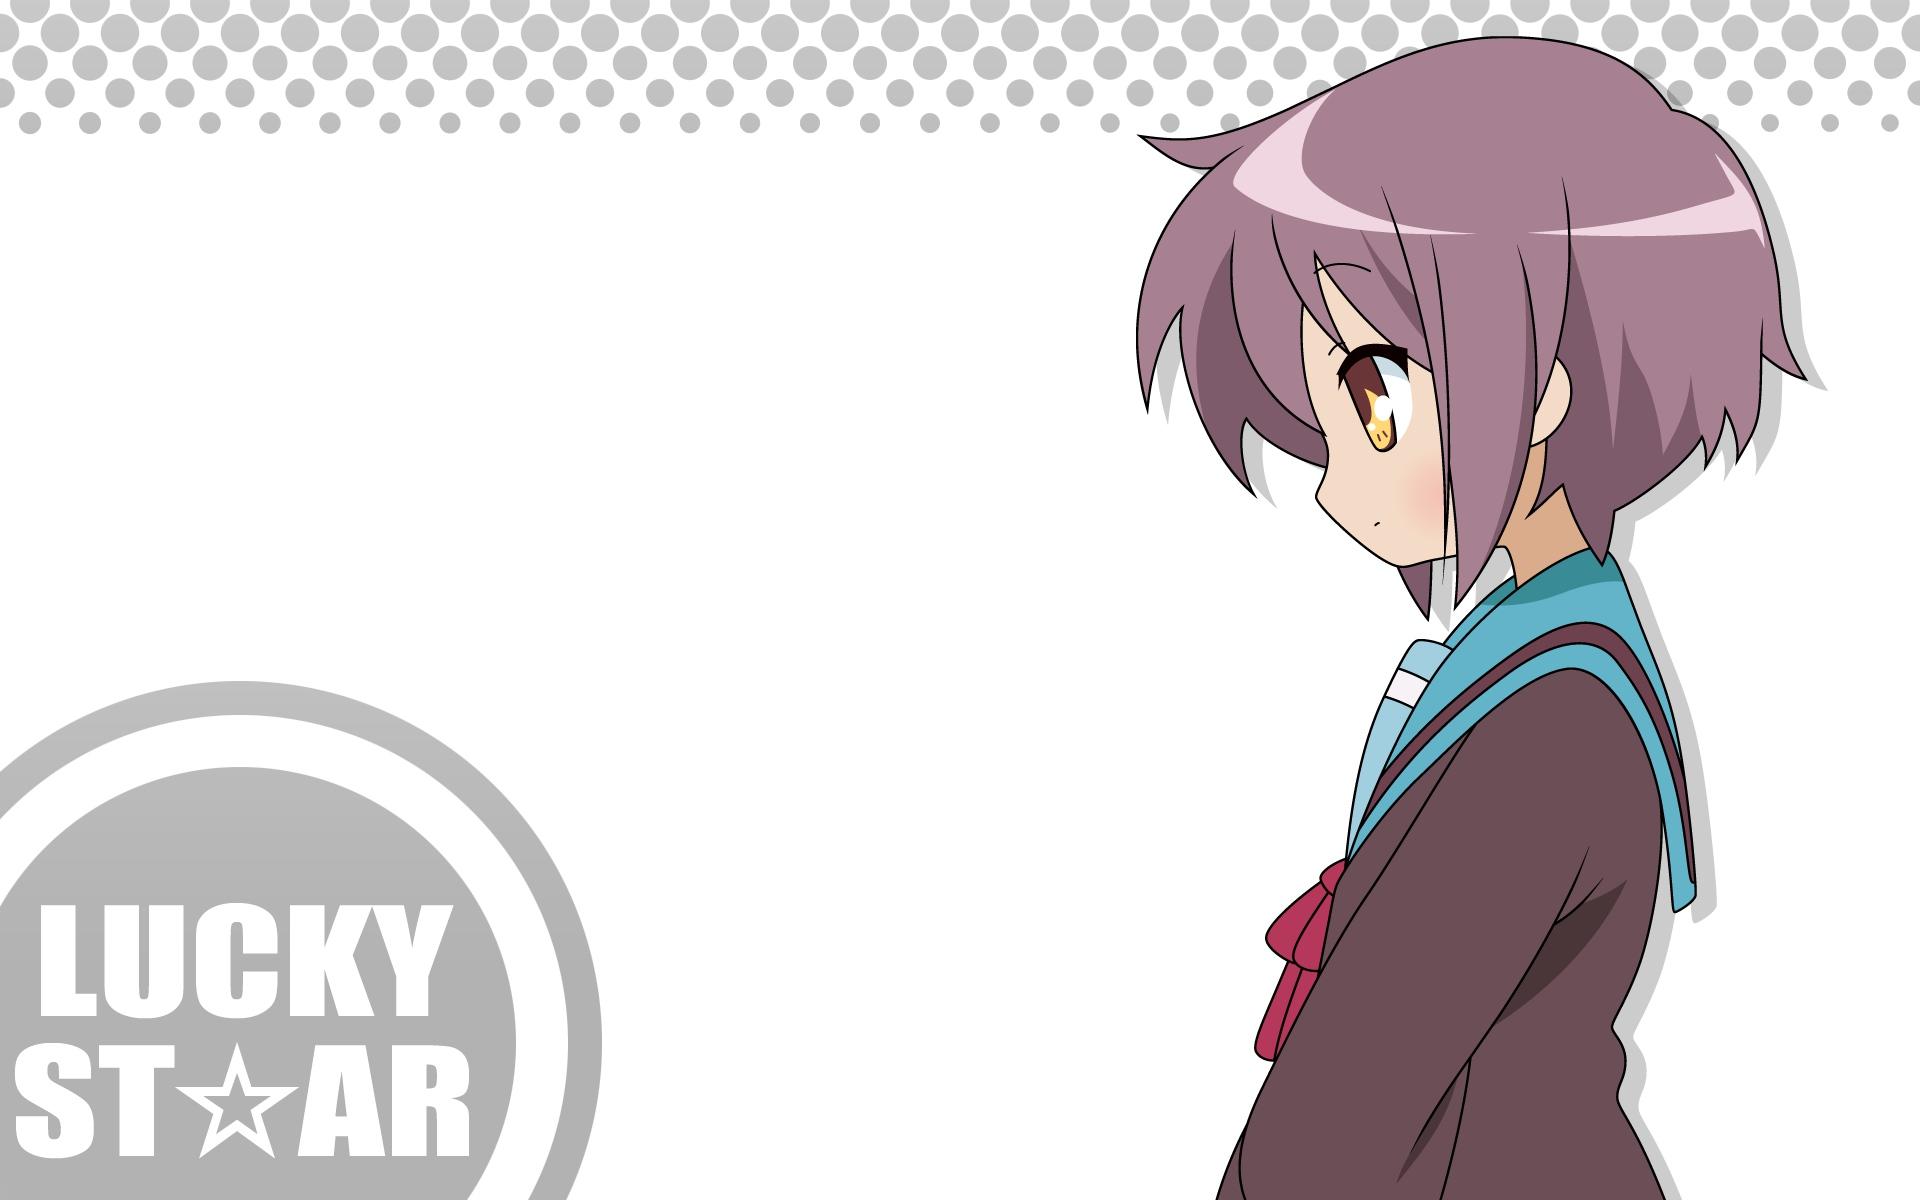 lucky_star nagato_yuki suzumiya_haruhi_no_yuutsu white